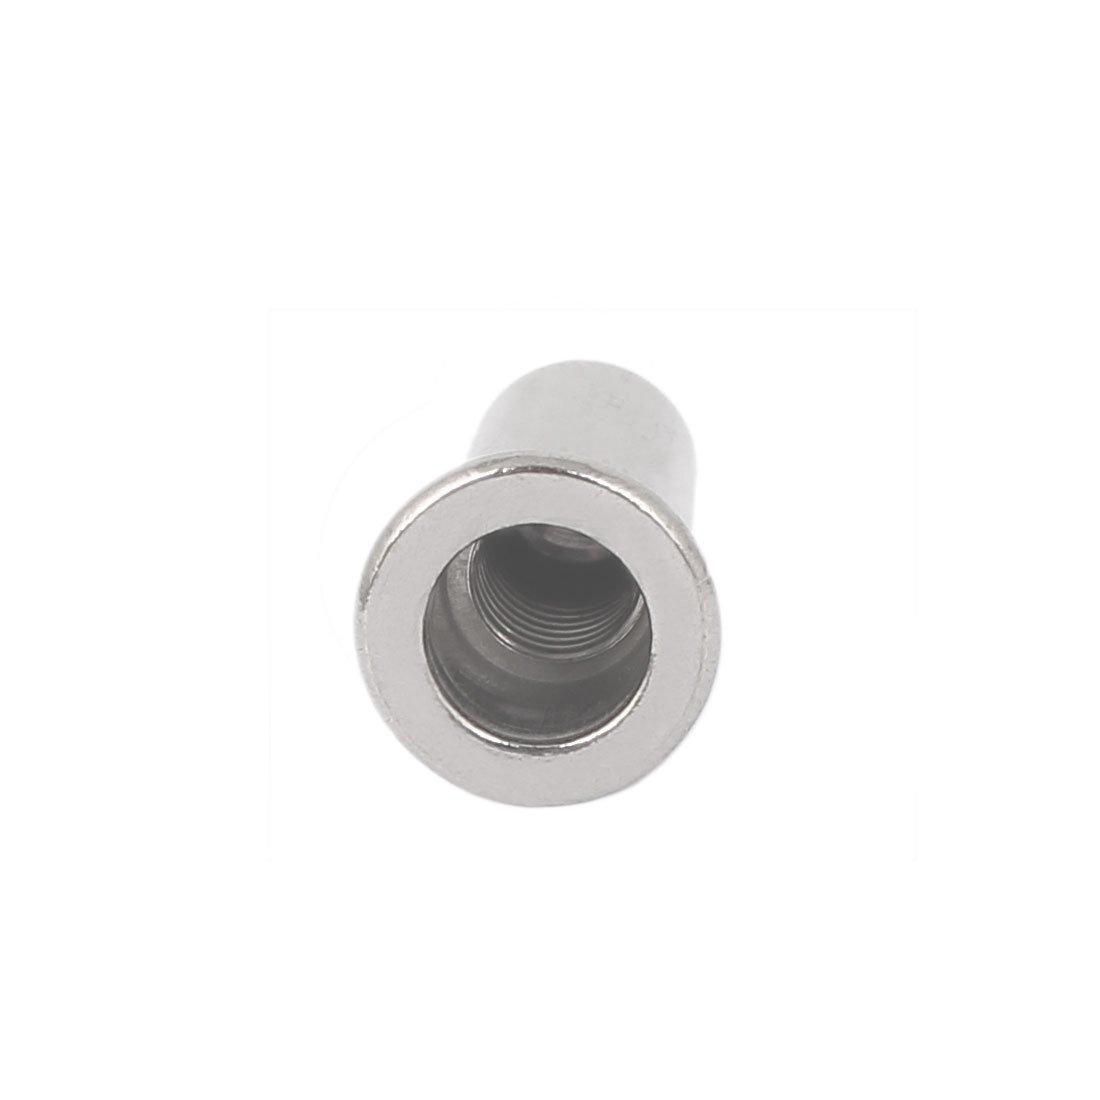 Aexit M5x18.5mm 304 acero inoxidable recto moleteado extremo cerrado remache model: X8226IV-2227YC tuerca sujetador 20pcs